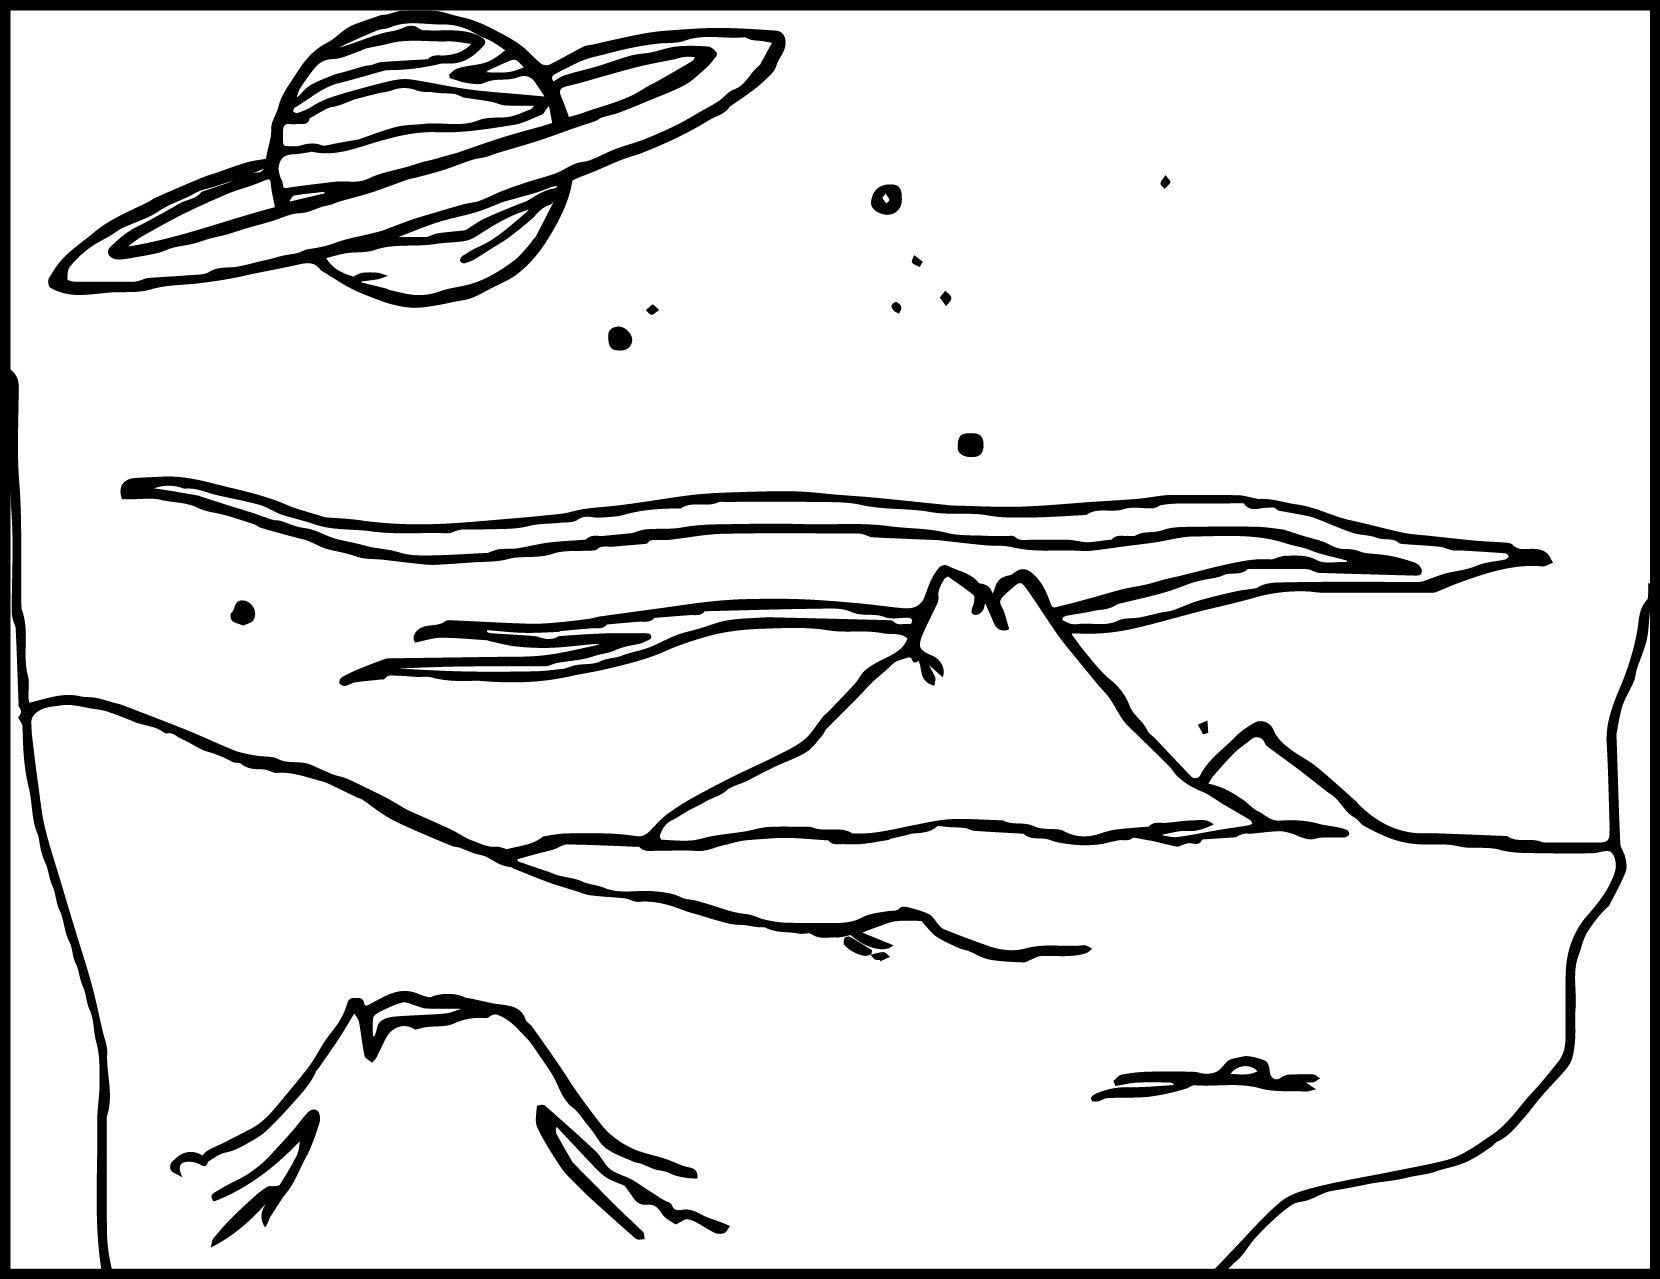 - Alien Landscape Coloring Page Wecoloringpage.com - Coloring Pages